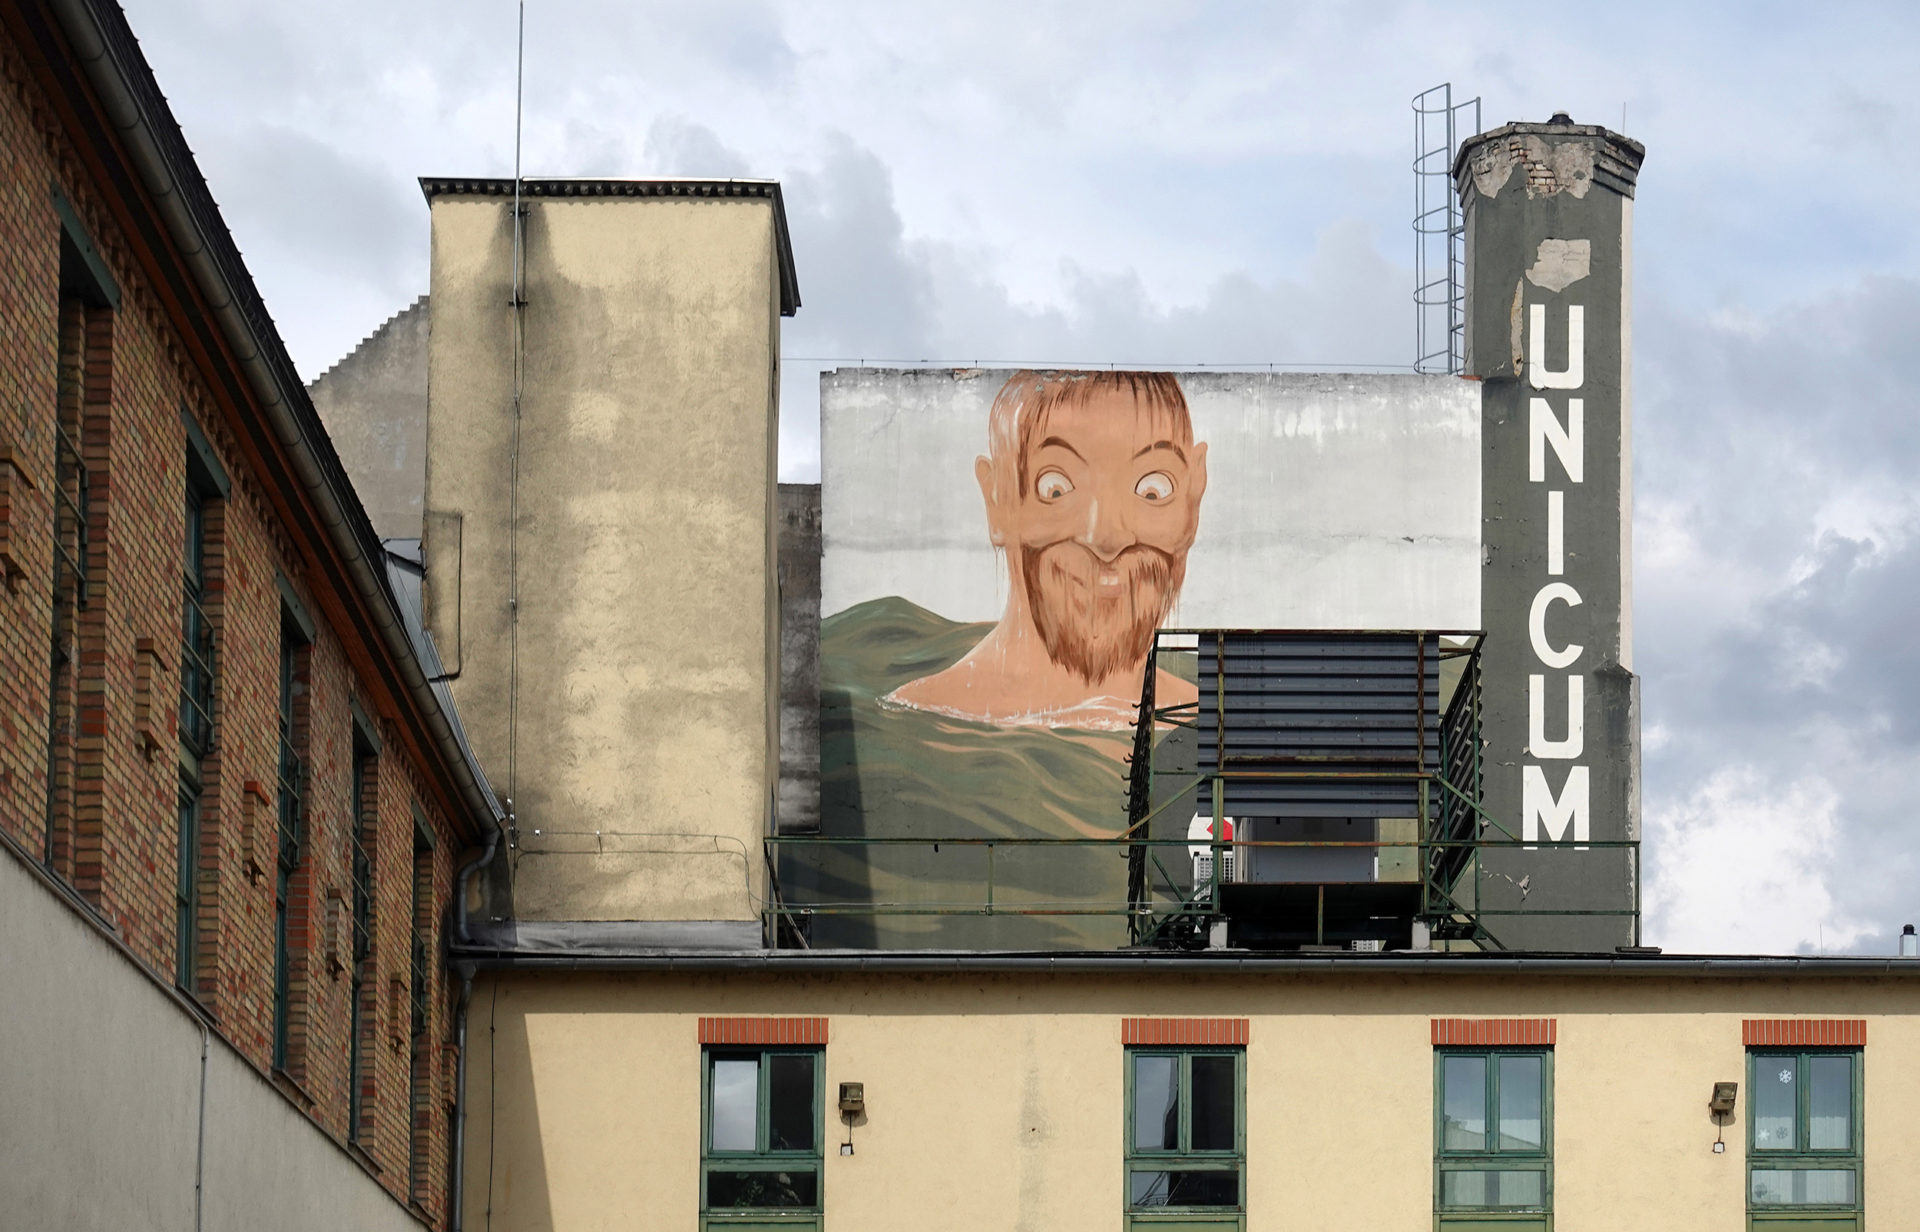 Budapest - House of Unicum